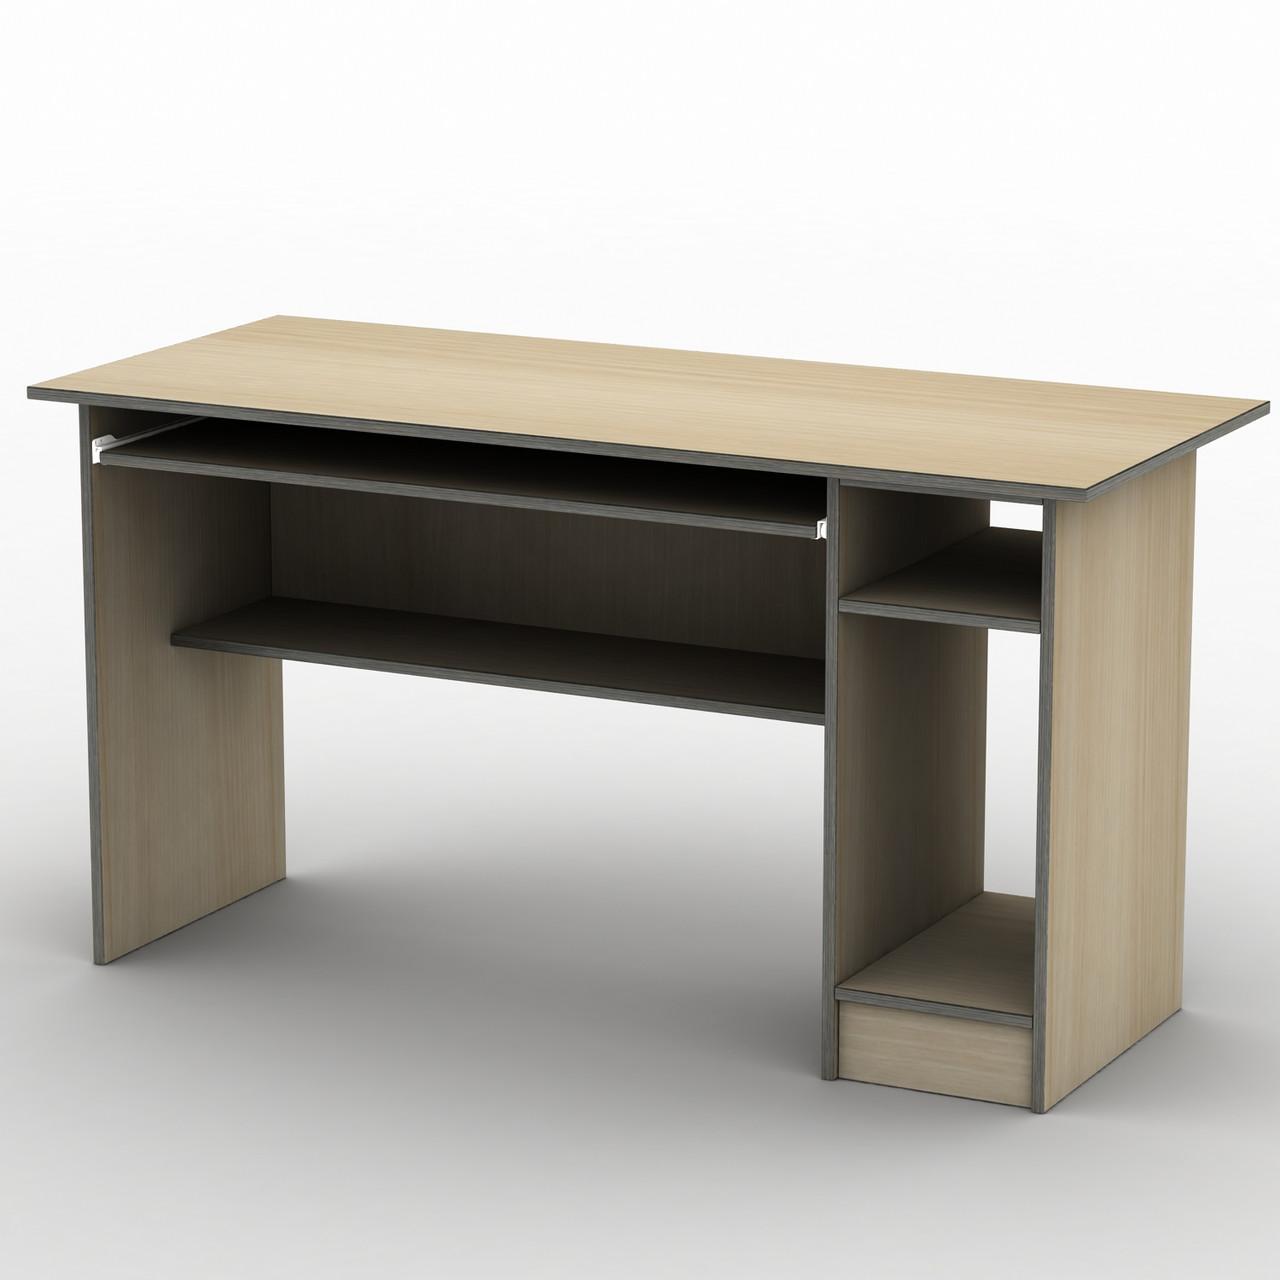 Комп'ютерний стіл Бюджет СК-2 (1000*600) Тіса меблі